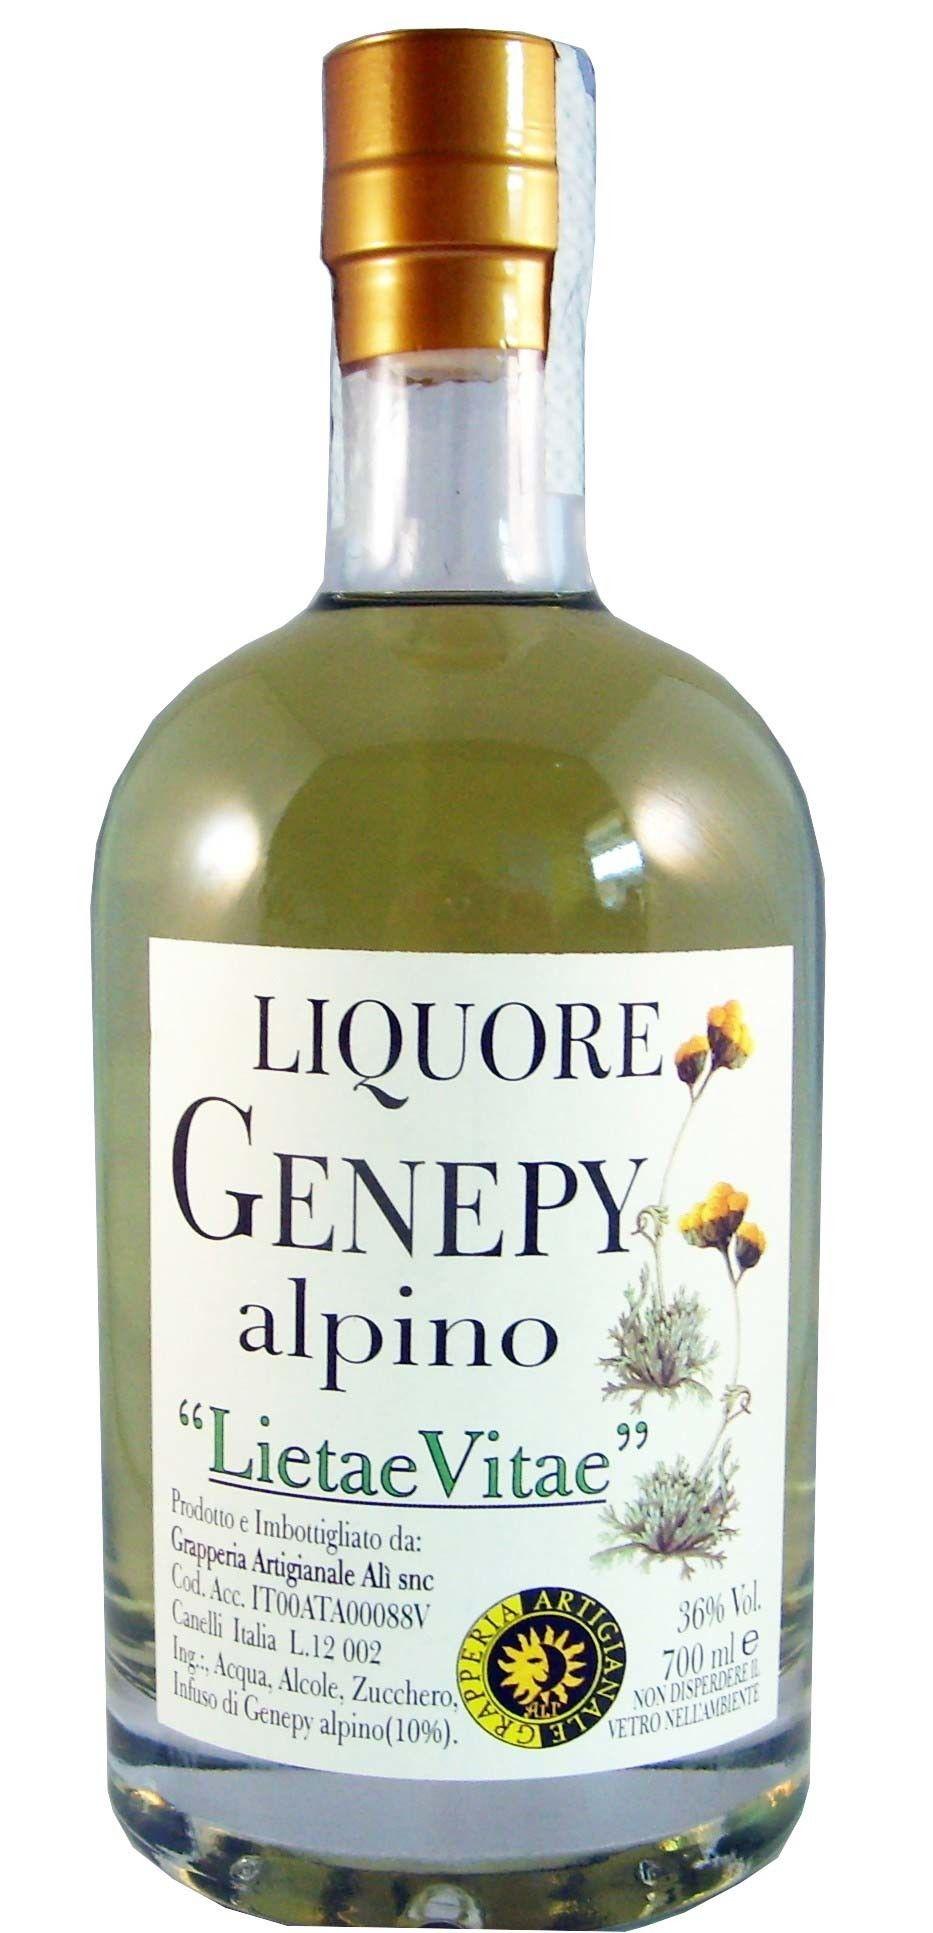 GRAPPERIA ARTIGIANALE ALI' - LIQUORE GENEPY ALPINO 36° - BOTTIGLIA ML 700